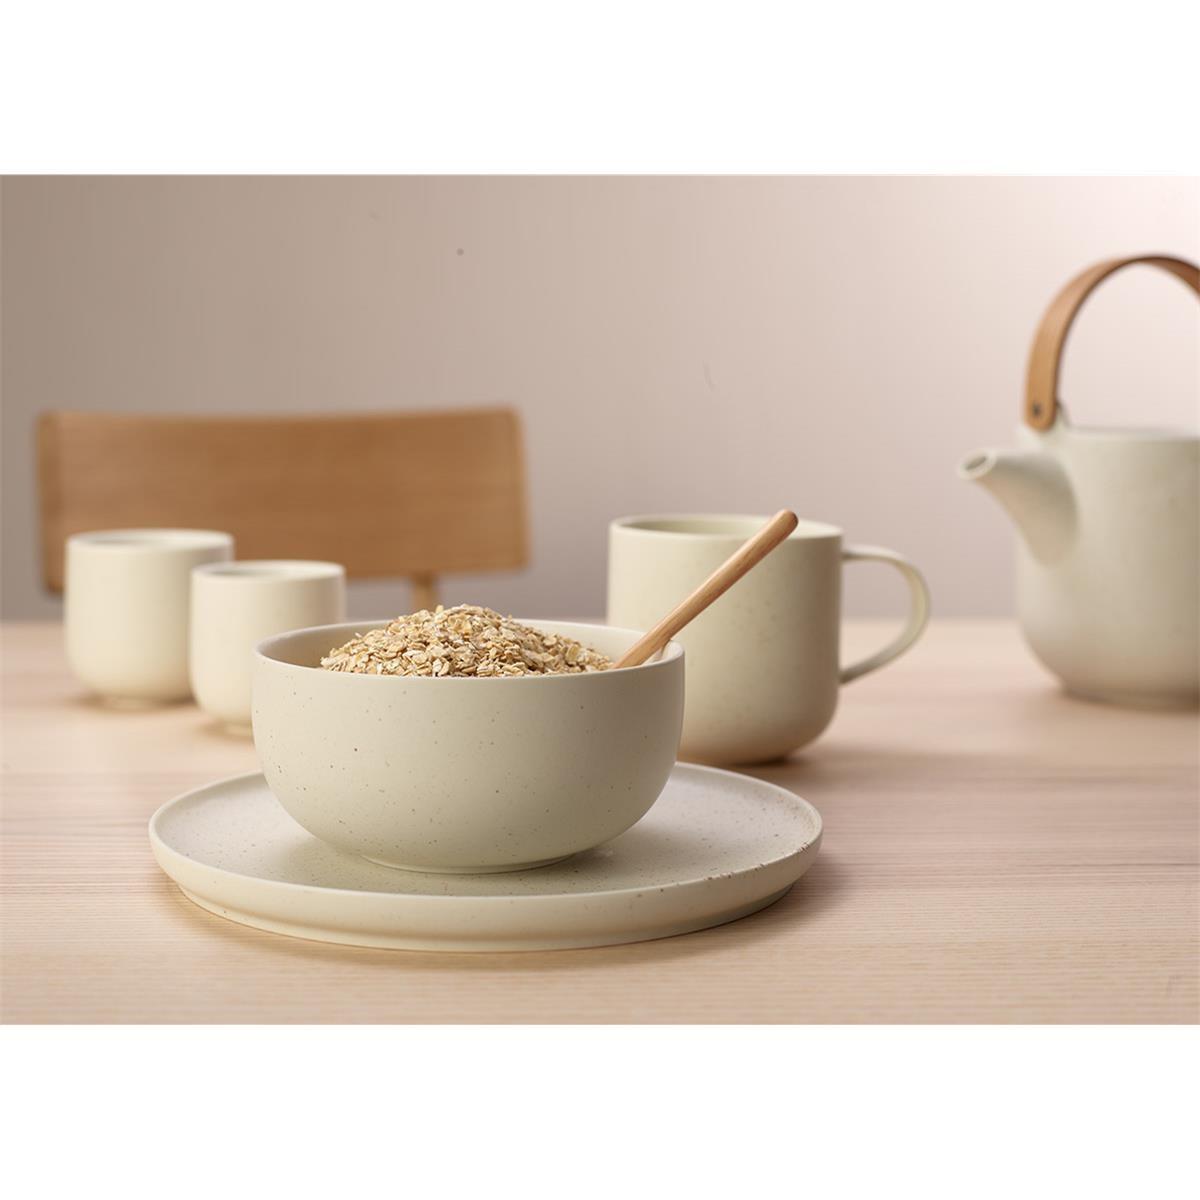 Šálek na čaj COPPA SENCHA SET/2ks, 0,15 l_1